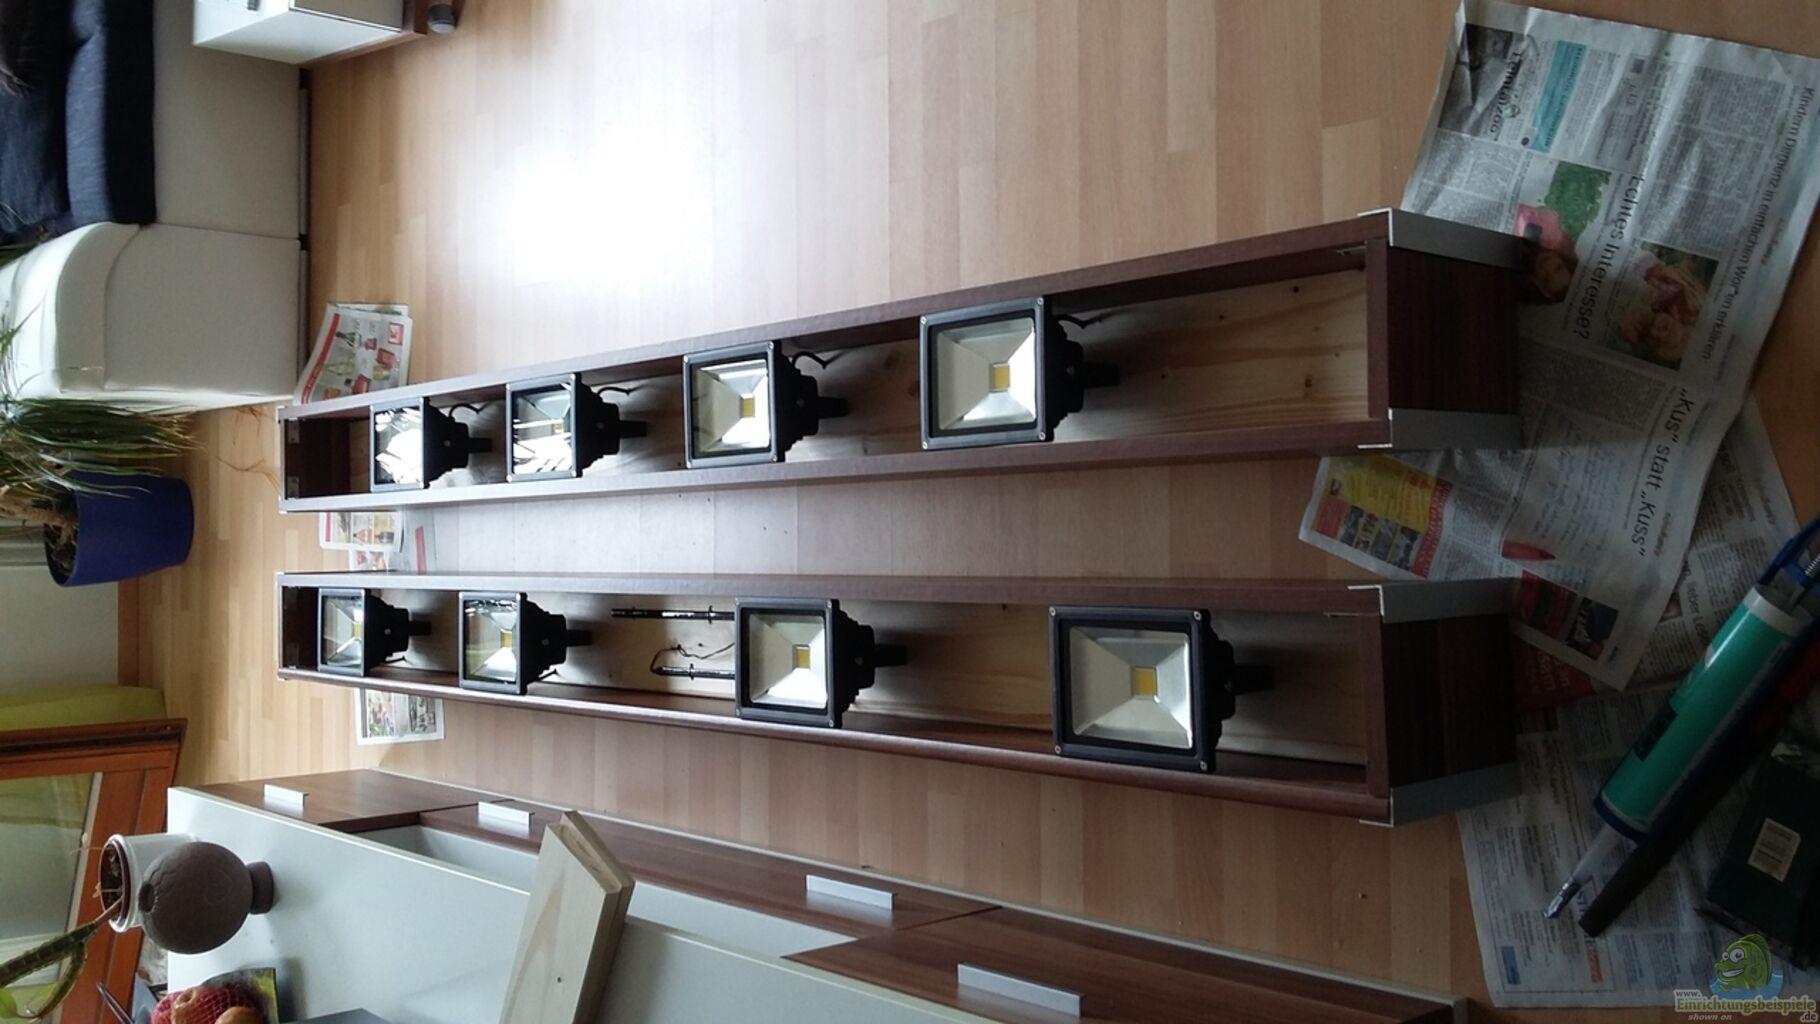 Aquarium von t aquatics wohnzimmer uferzone - Aquarium wohnzimmer ...